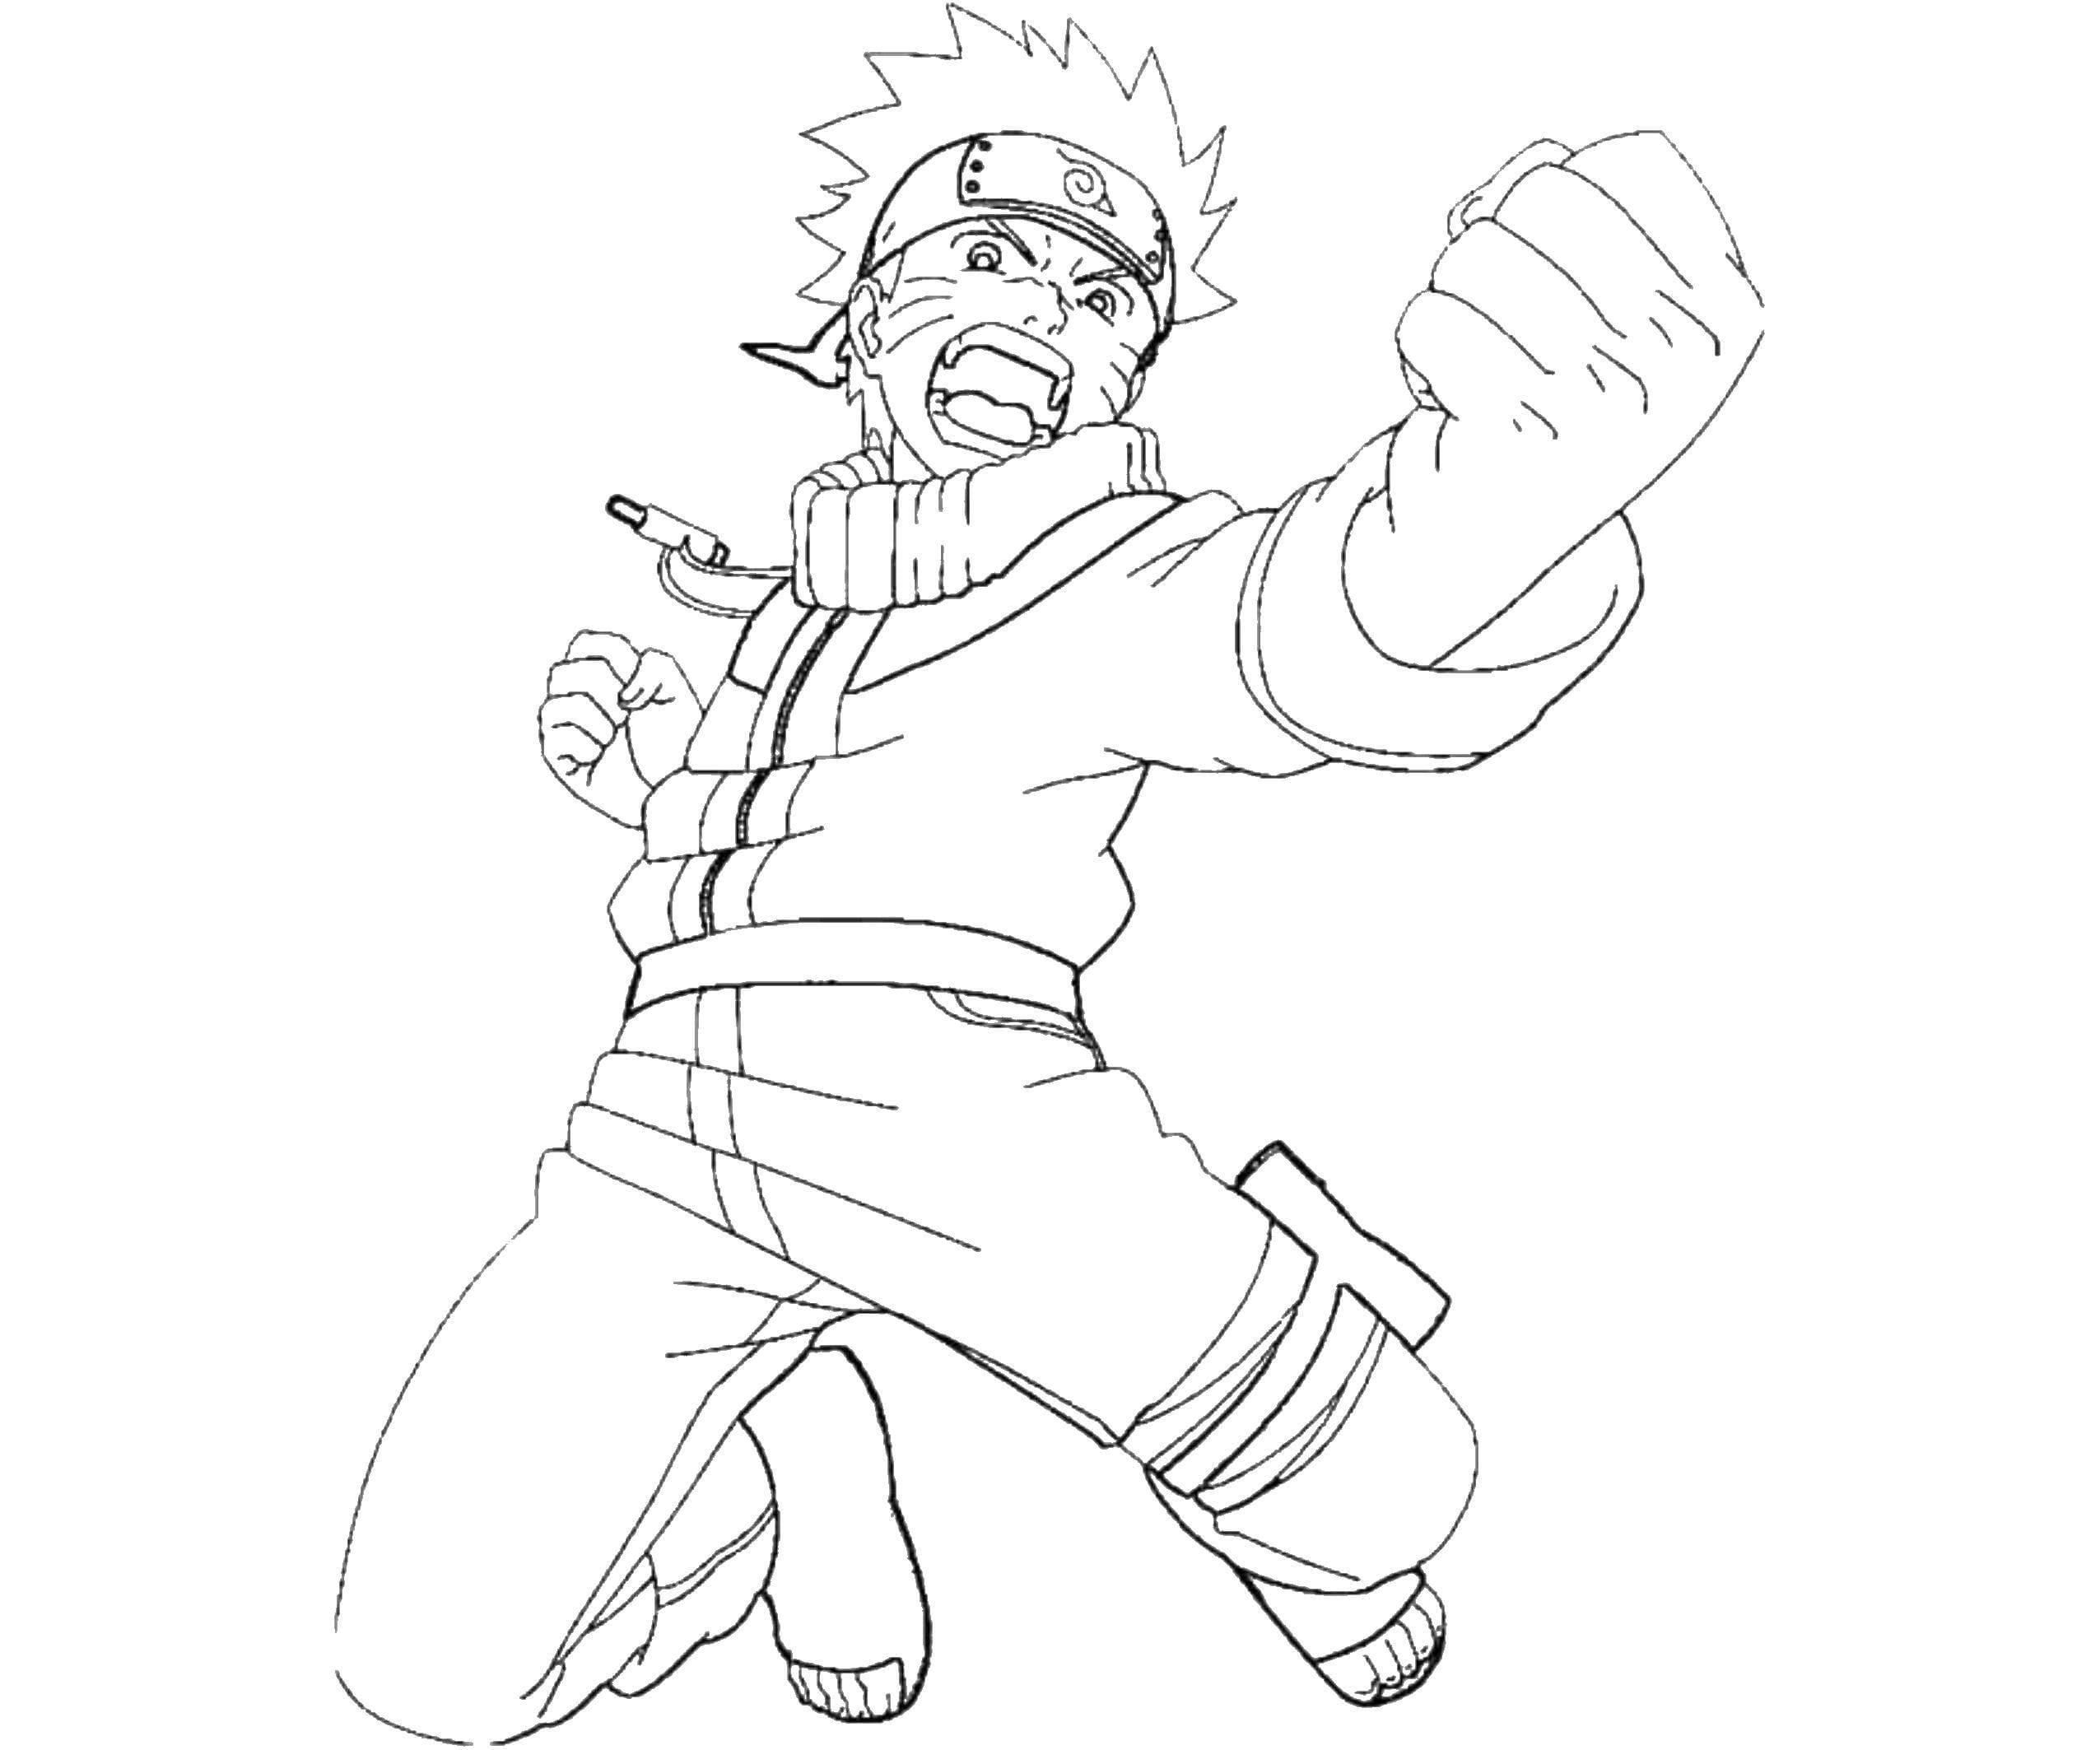 Ausmalbilder Naruto  11 Malvorlagen zum kostenlosen Drucken